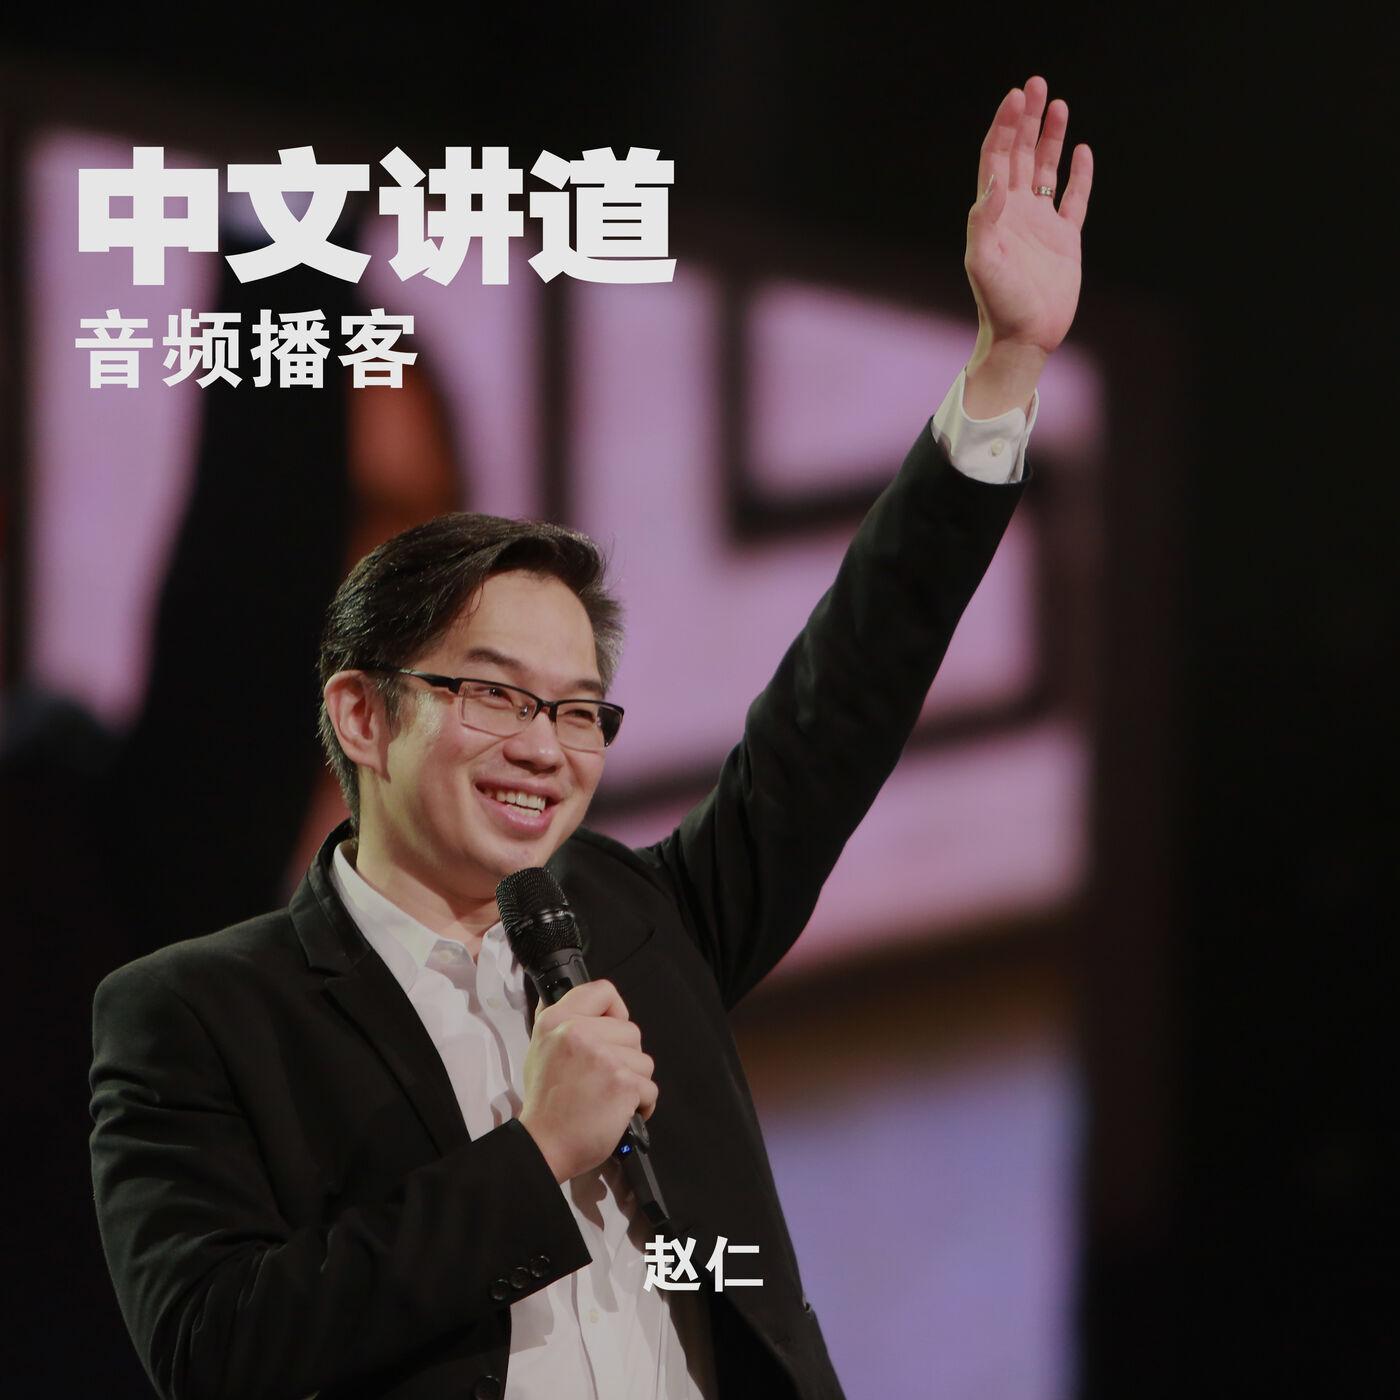 赵仁:圣灵的同在和能力